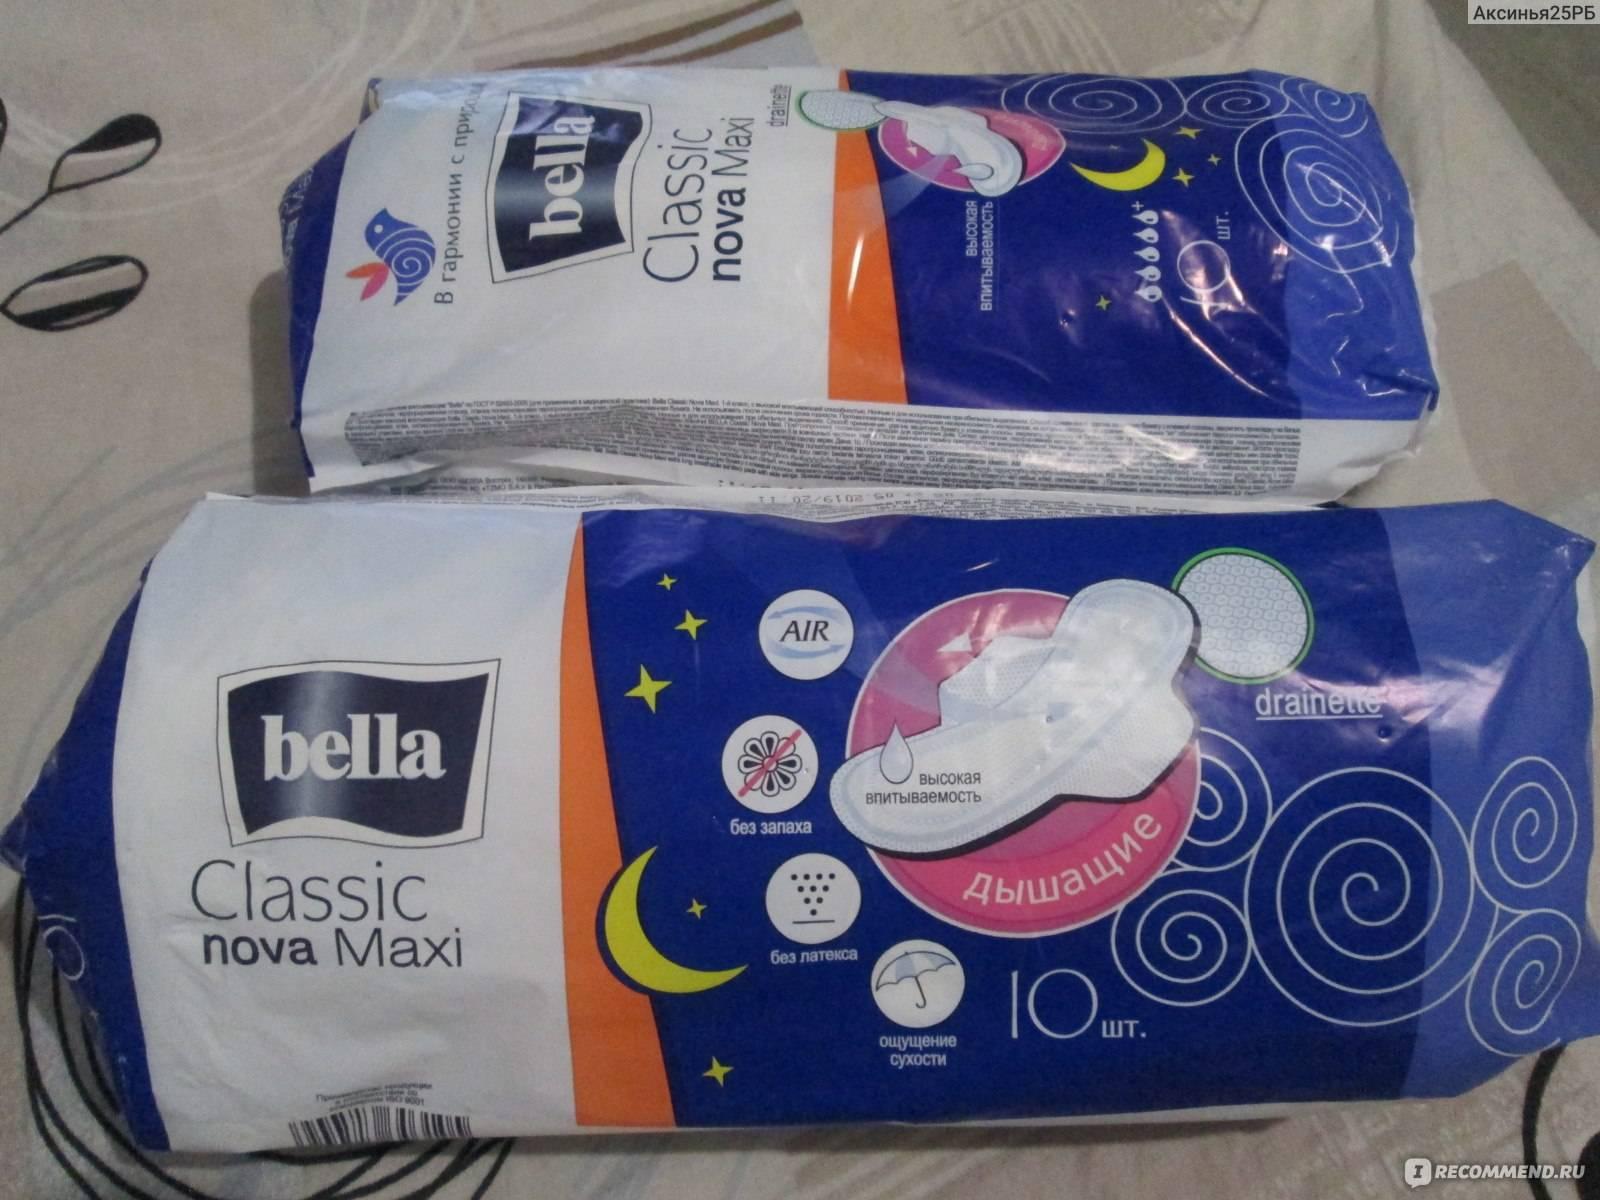 Как часто меняются прокладки при менструации в норме